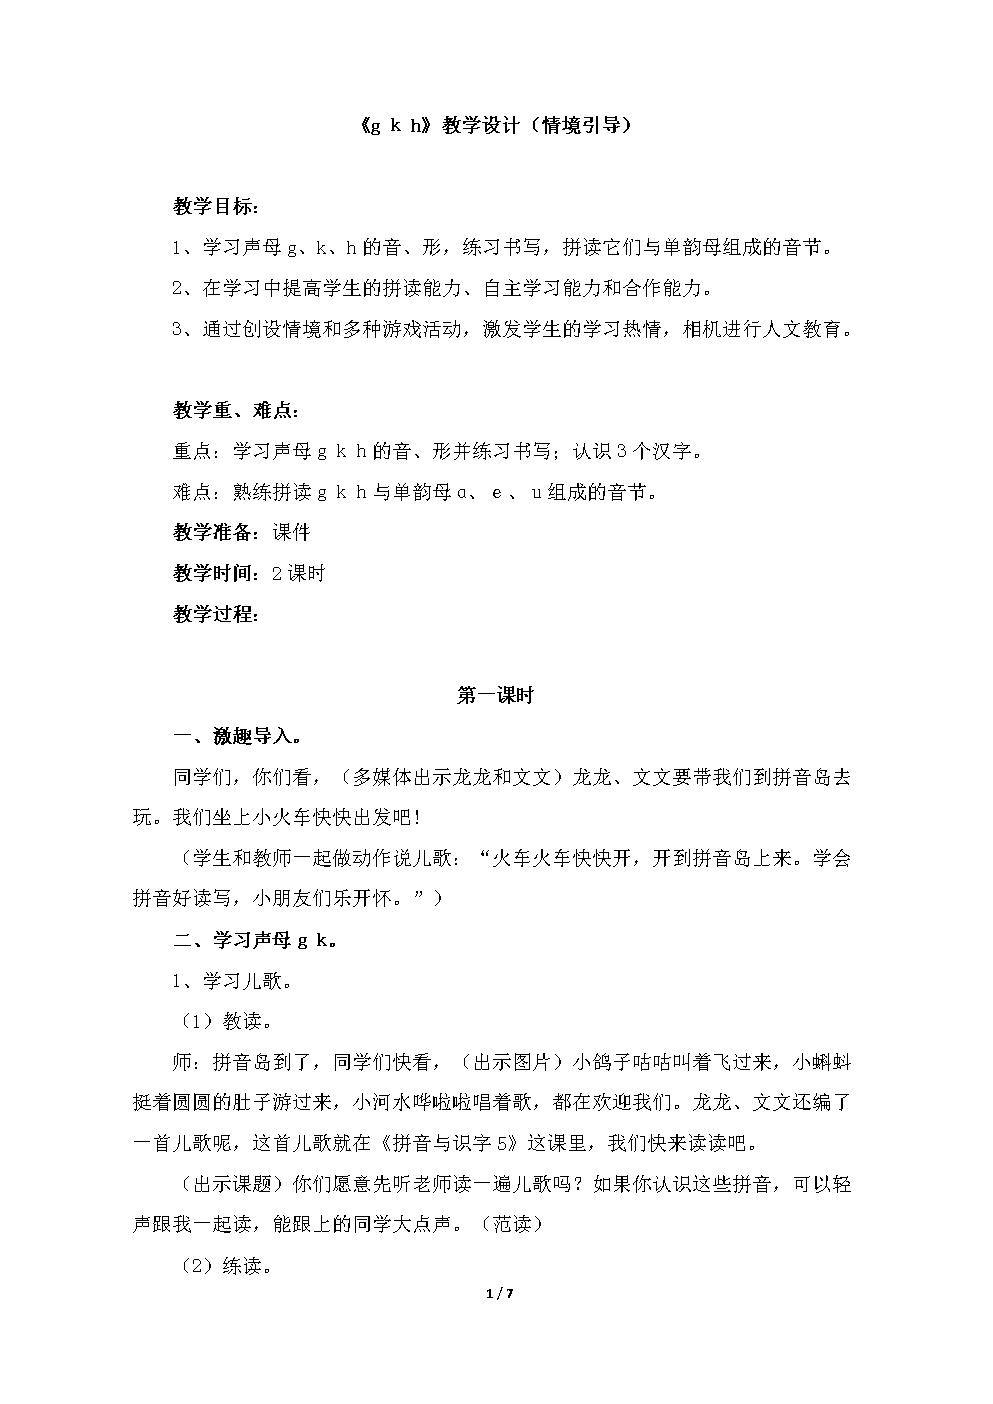 小学一年级语文上册《g_k_h》教学设计(情境引导)(苏教版).doc